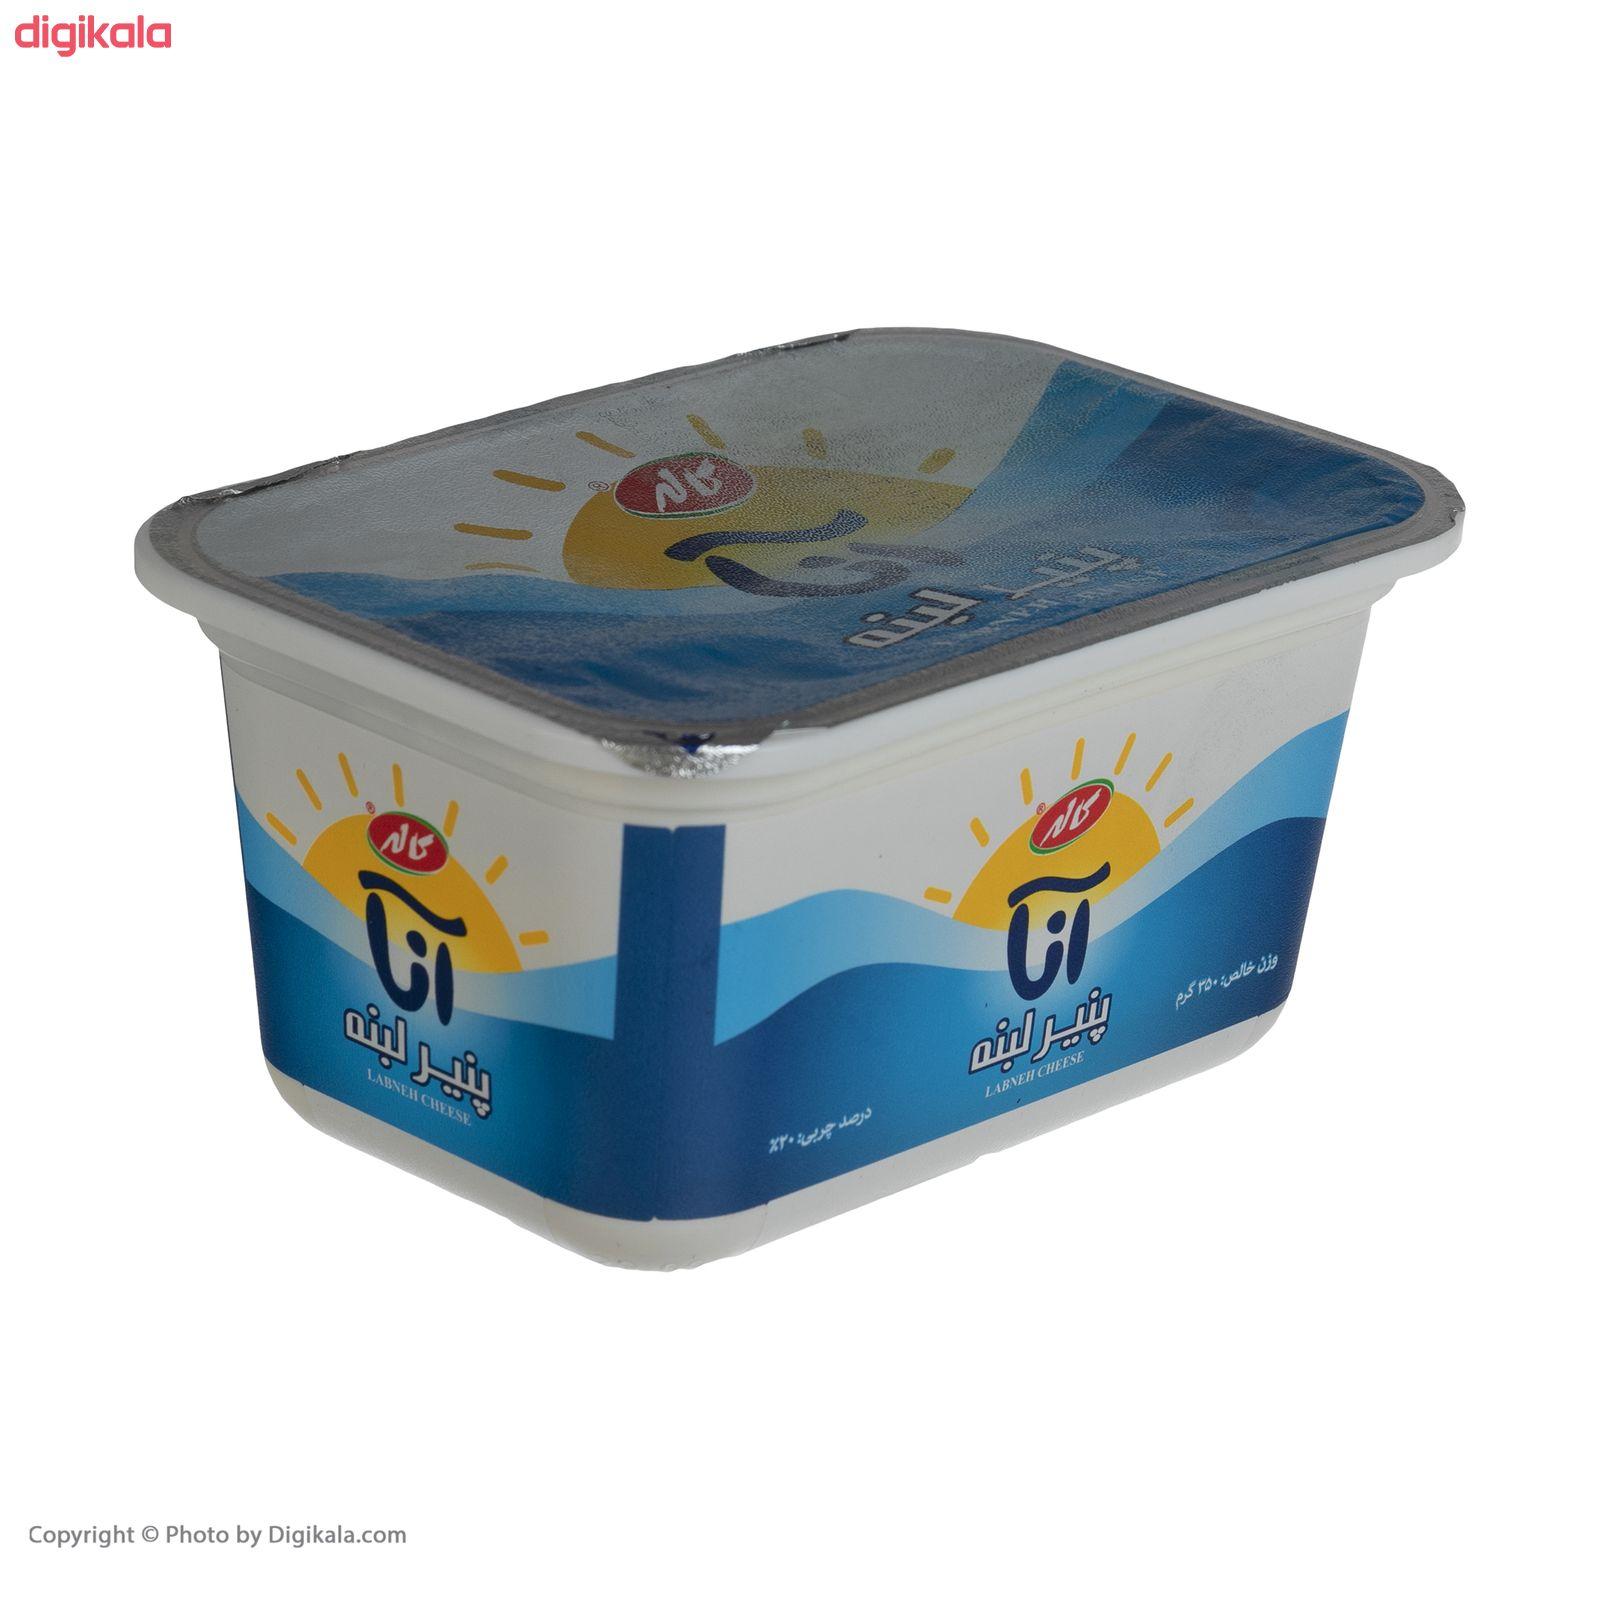 پنیر لبنه کاله - 350 گرم main 1 2